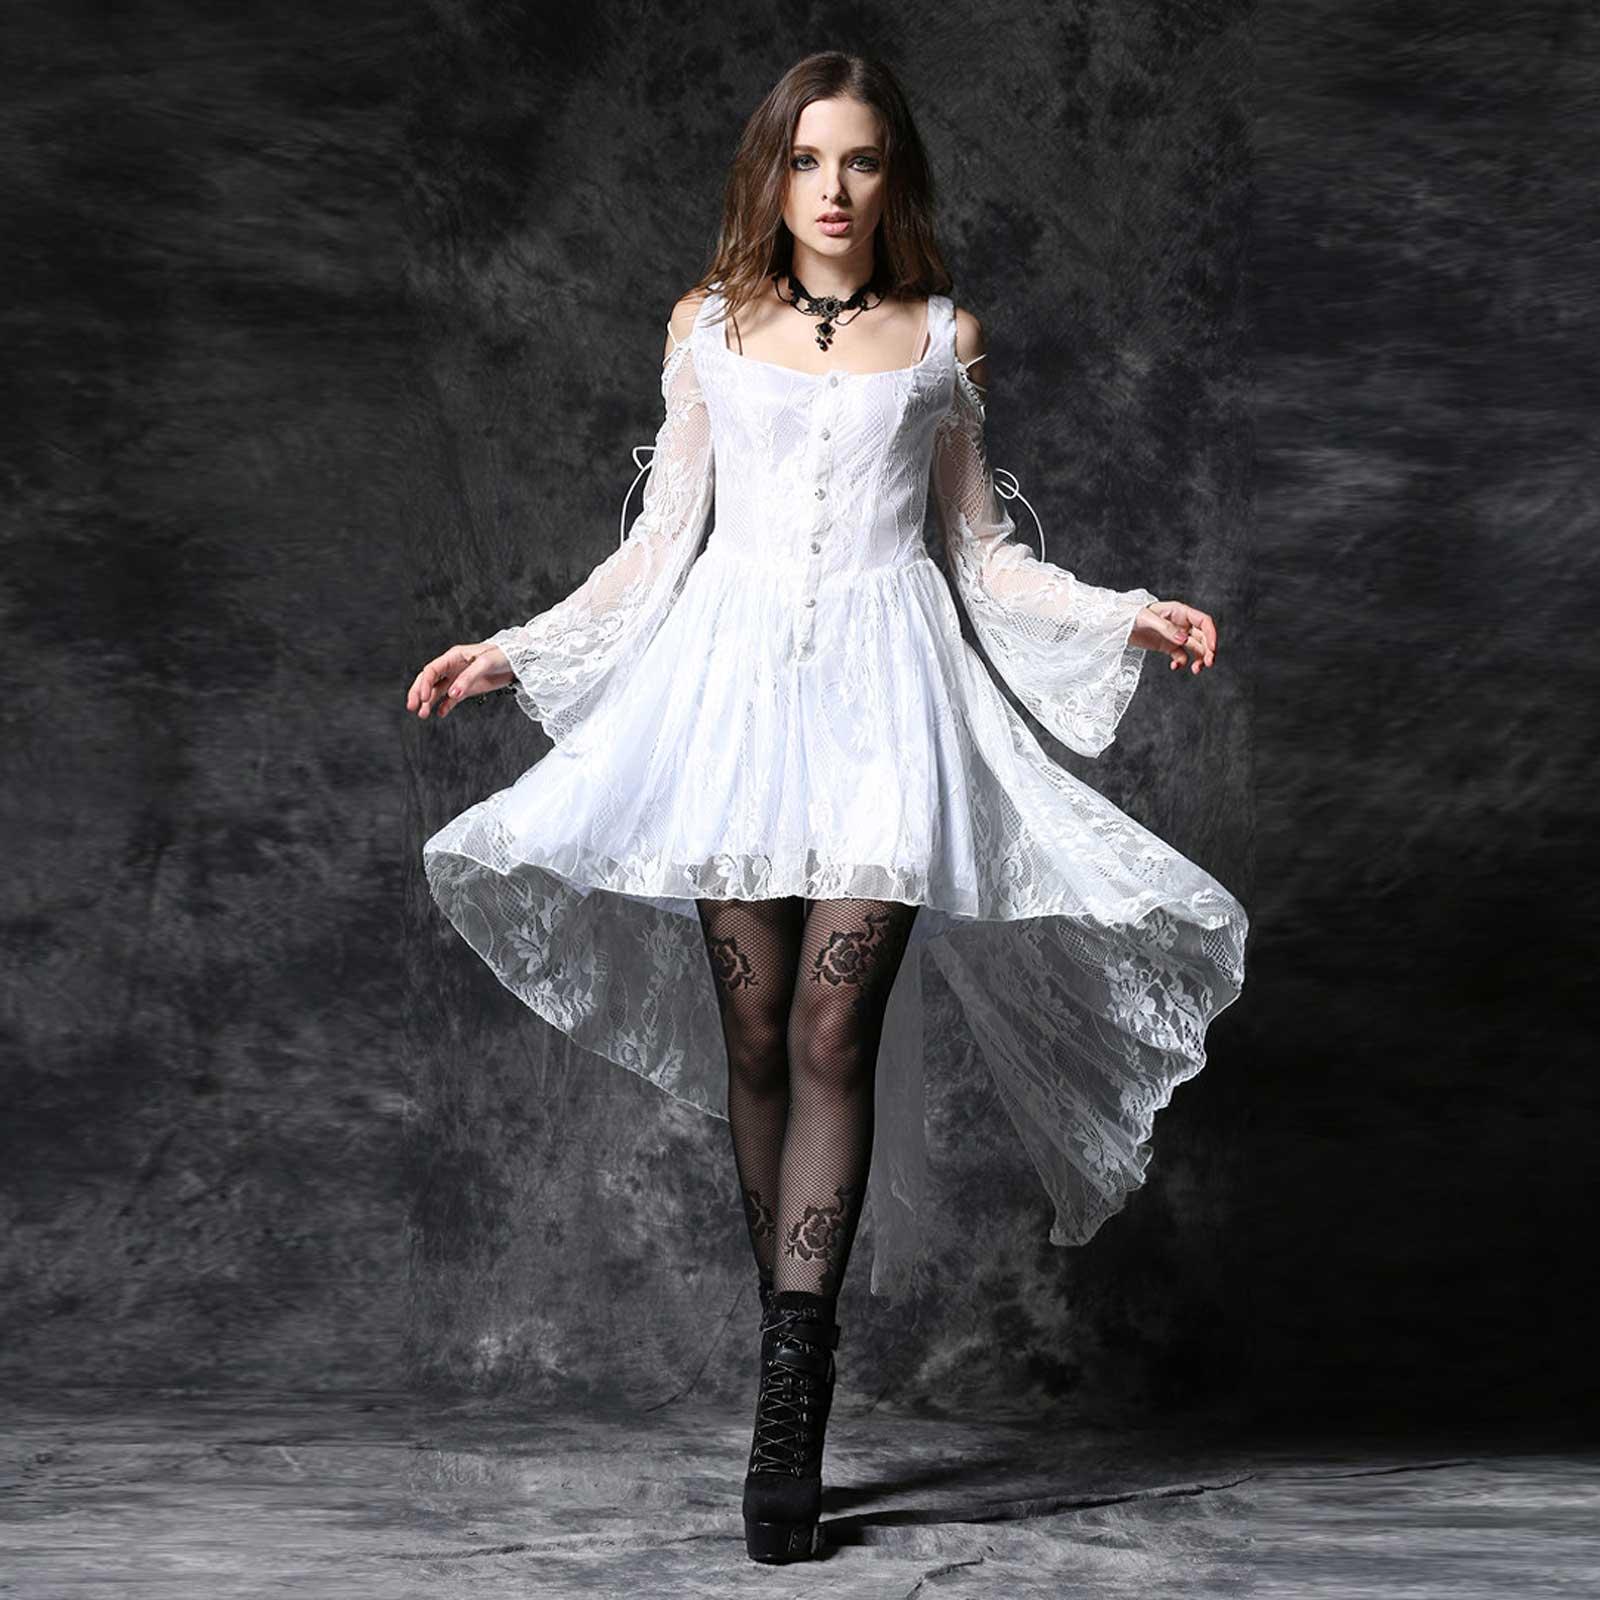 DARK IN LOVE Gothic Kleid Schwarz mit viel Spitze Black Lady Dovetail Dress